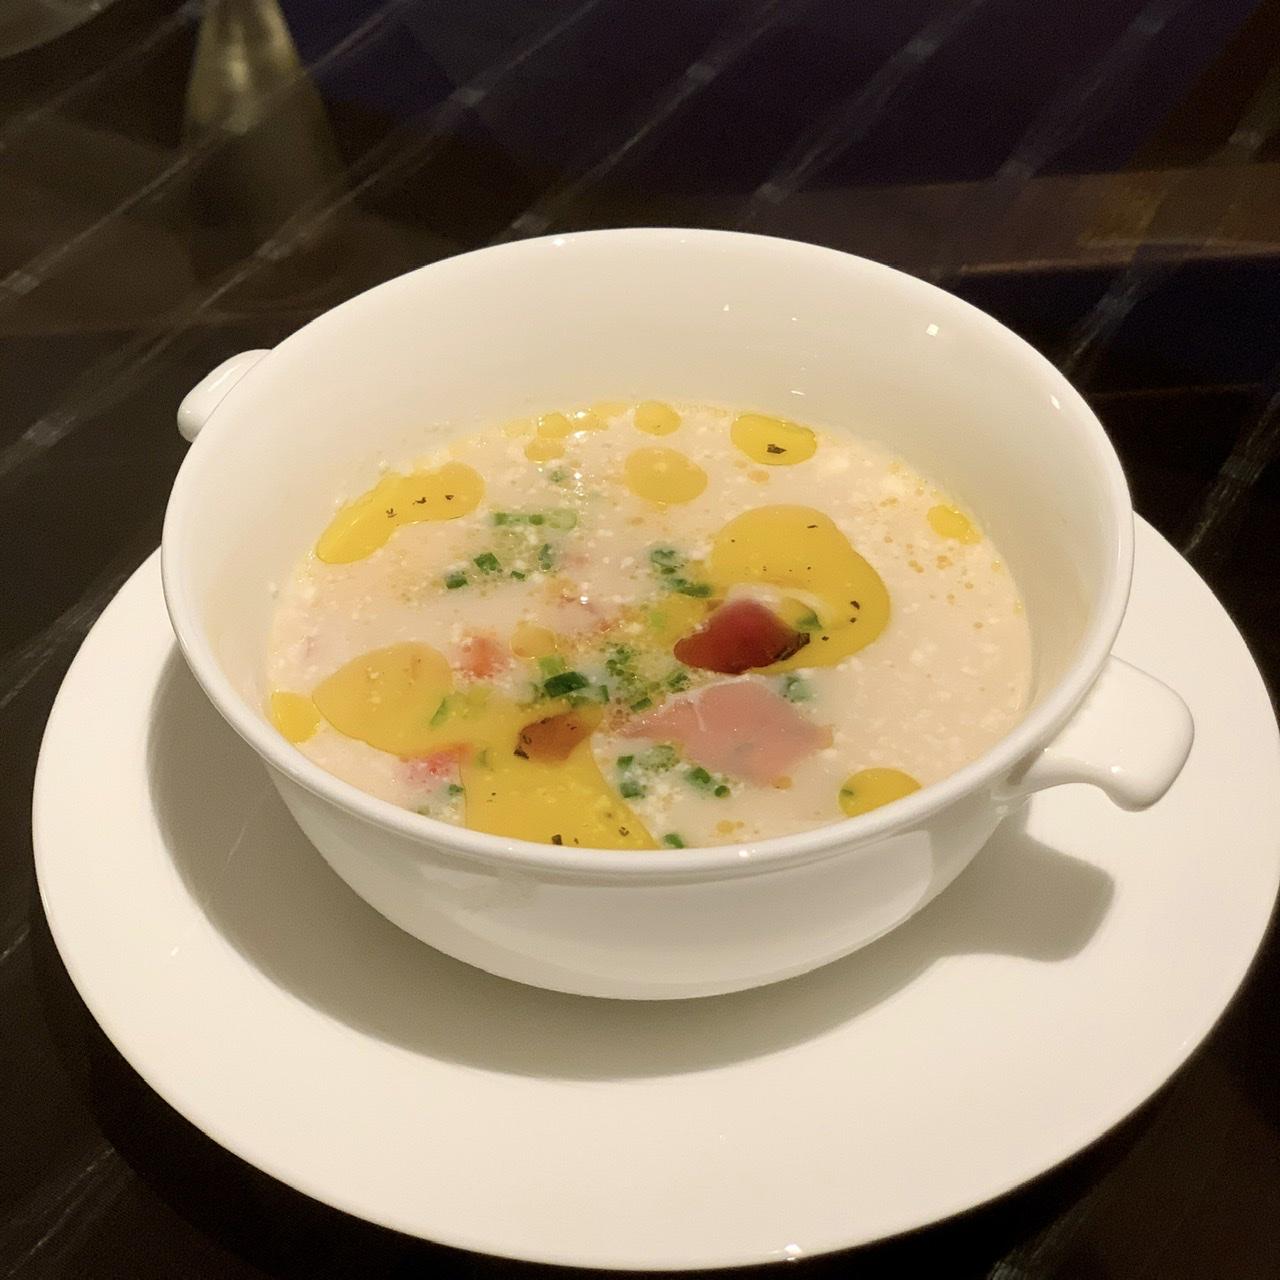 ひよこ豆 レッドオニオンと パルマ産ハムのスープ ローズマリーの香り